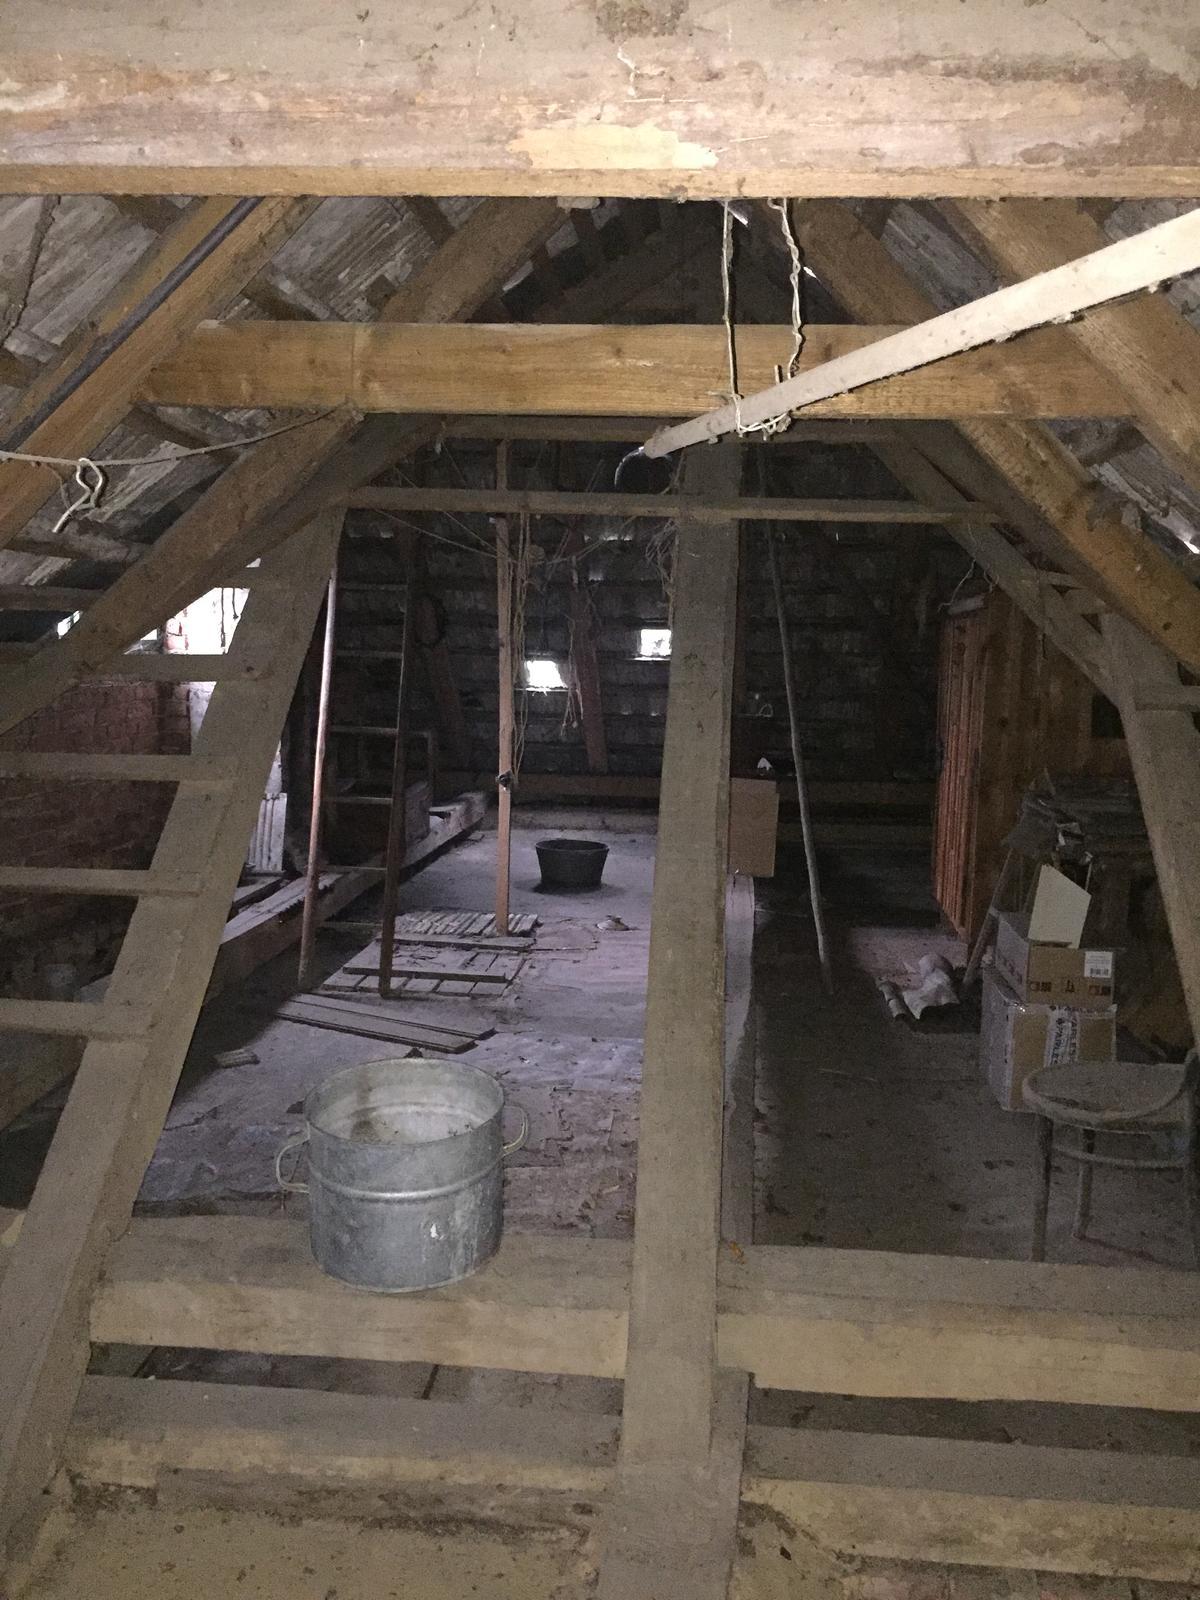 Dom - ...a keď už budem riešiť strechu, niečo vymyslím s podkrovím 😍